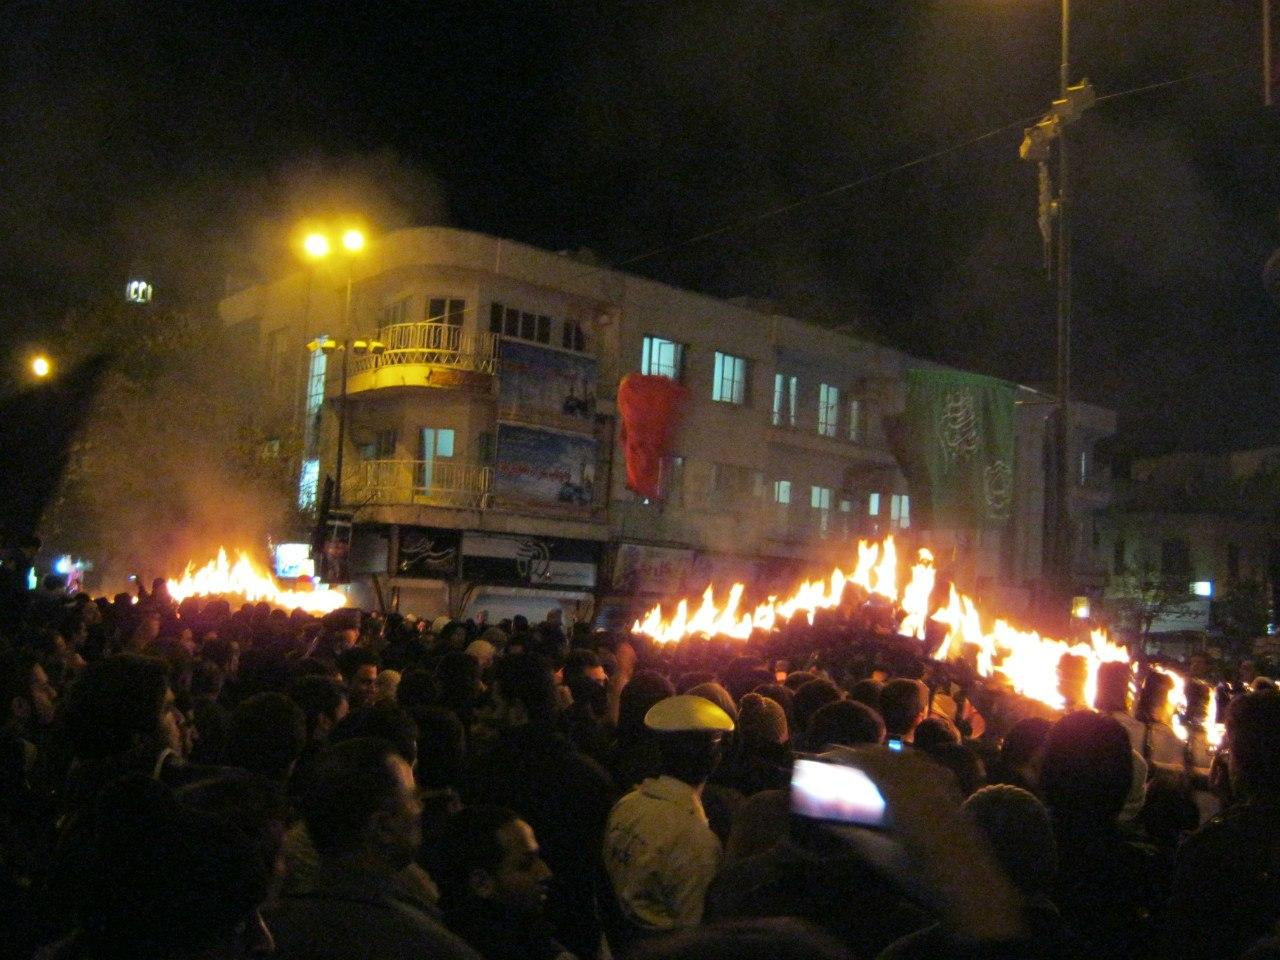 шииты отмечают Ашура в городе Кум